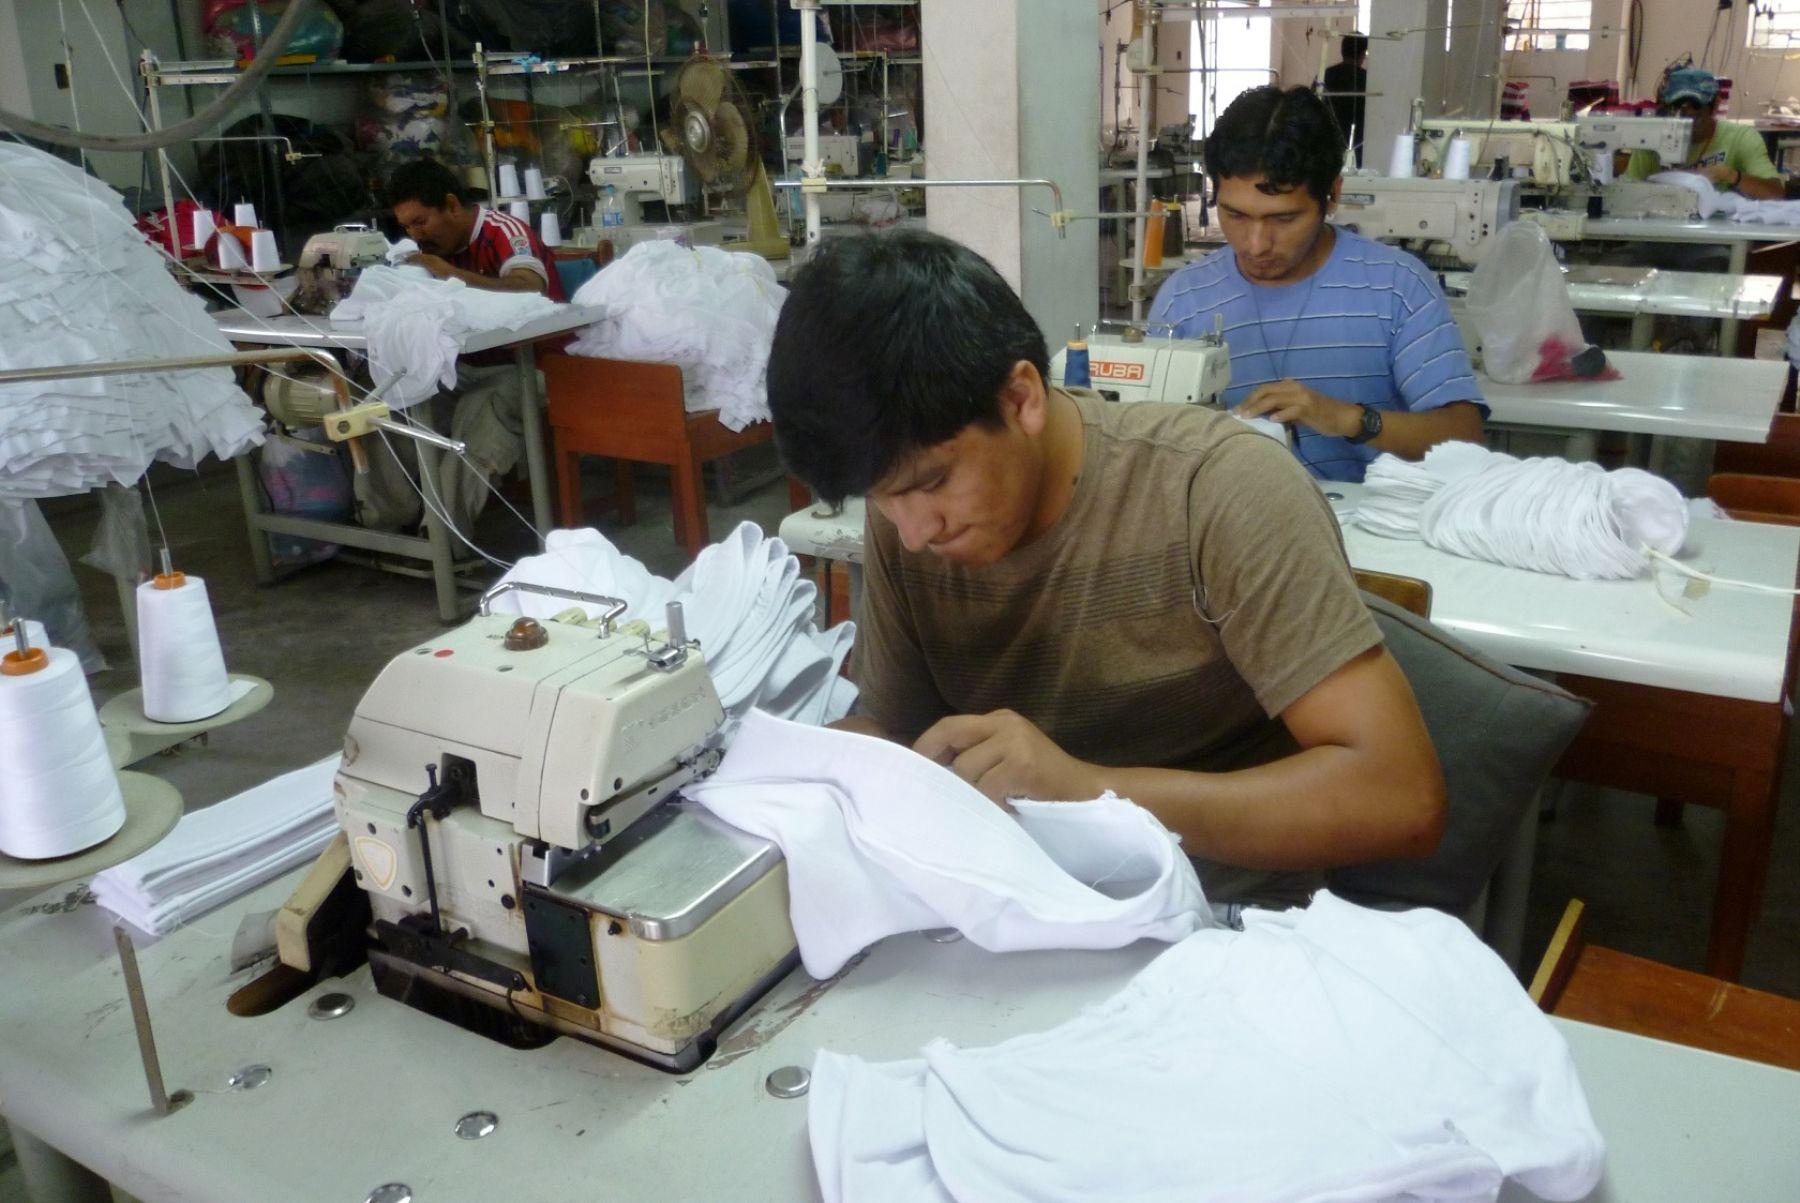 342011-indemnizar-o-reponer-las-empresas-prefieren-pagar-mas-antes-que-reincorporar-extrabajadores